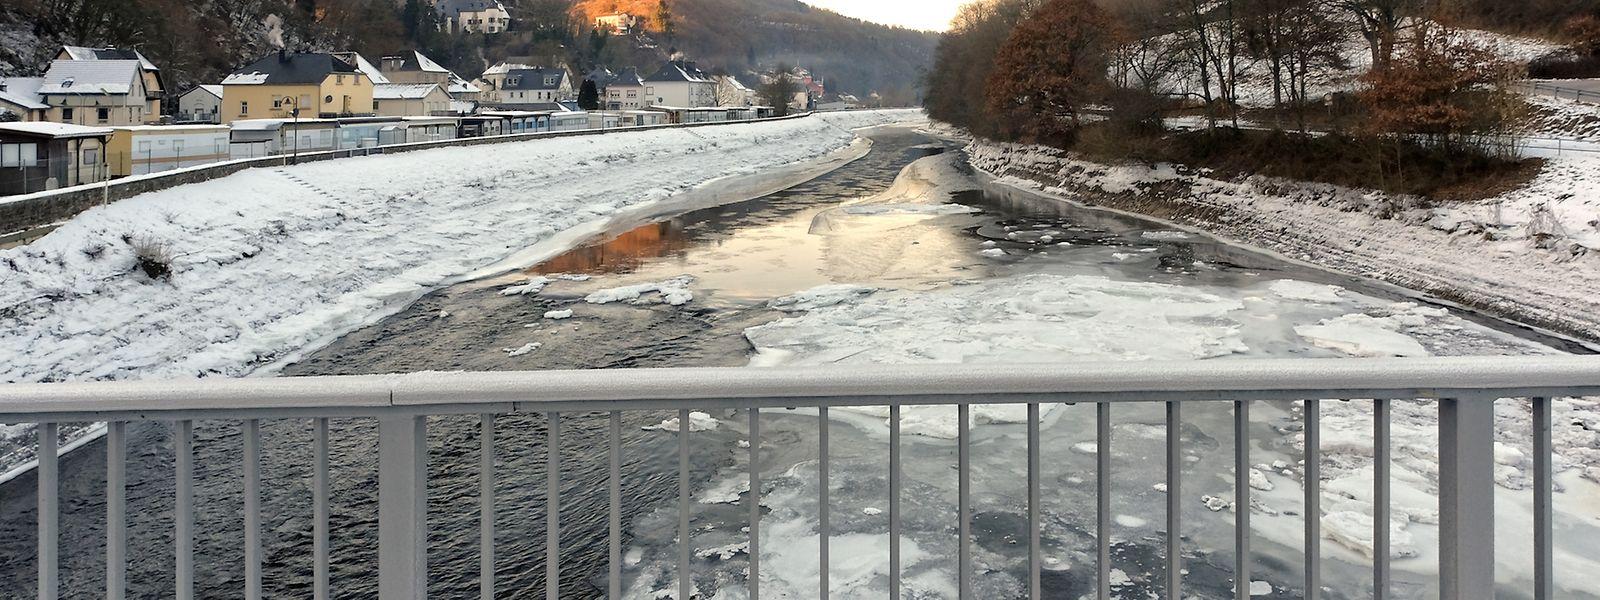 In Stolzemburg war die Our am Montag halb zugefroren.